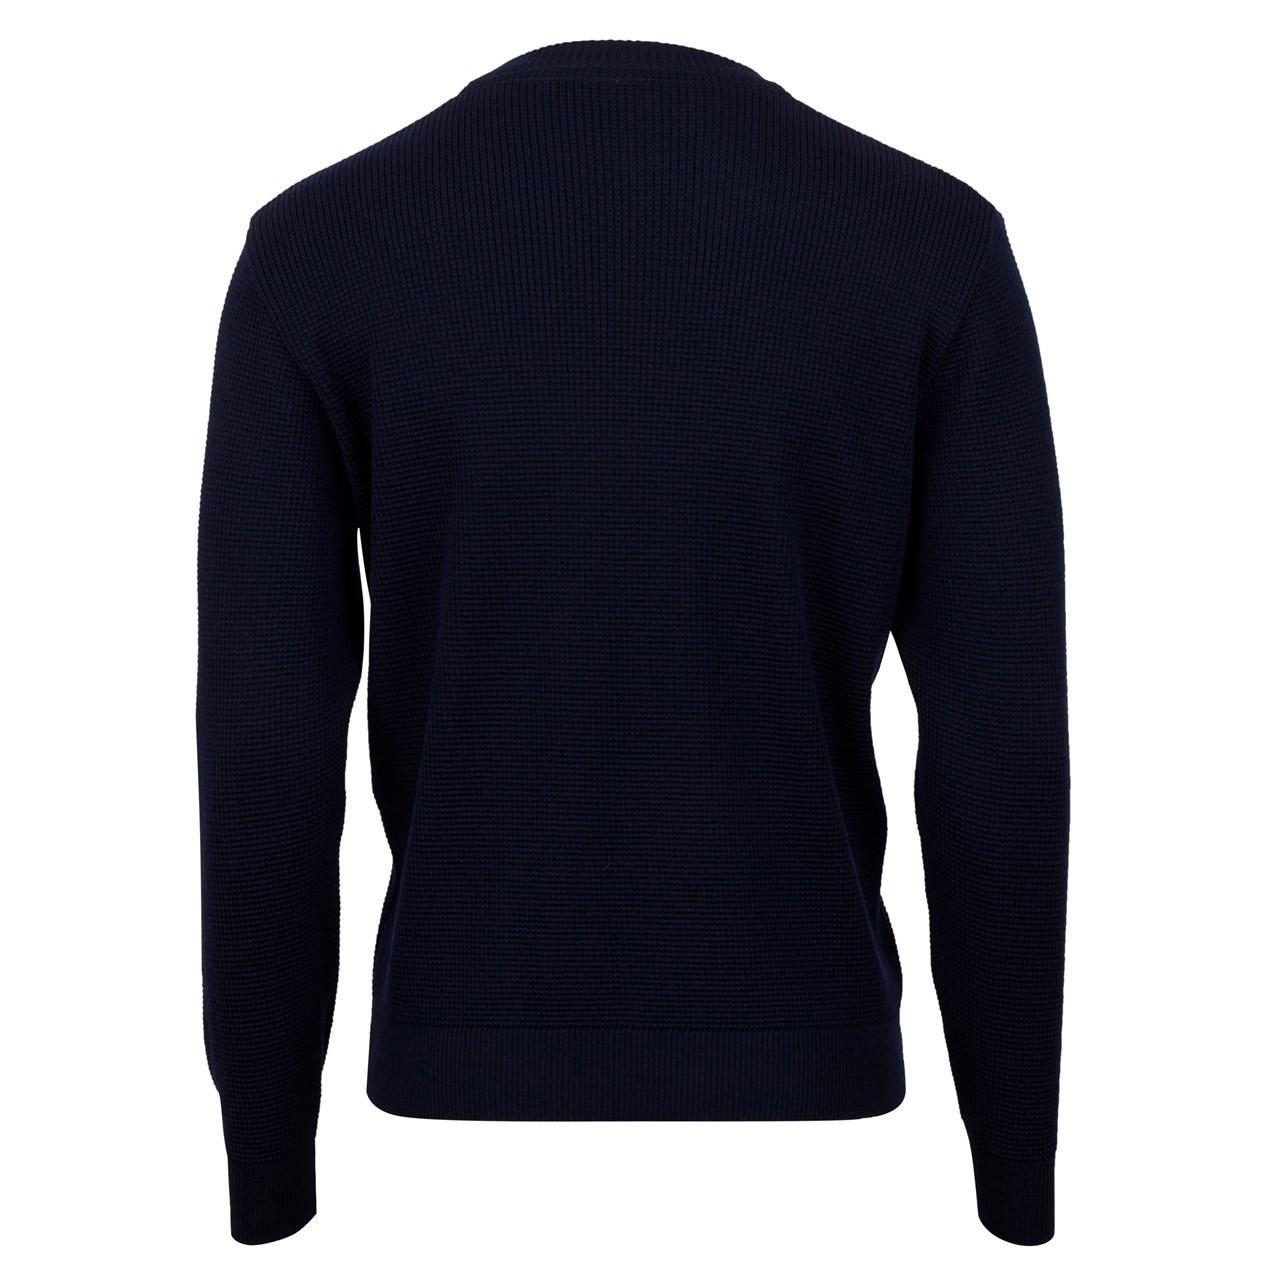 Stenstroms Textured Dye Crew Neck Navy blue